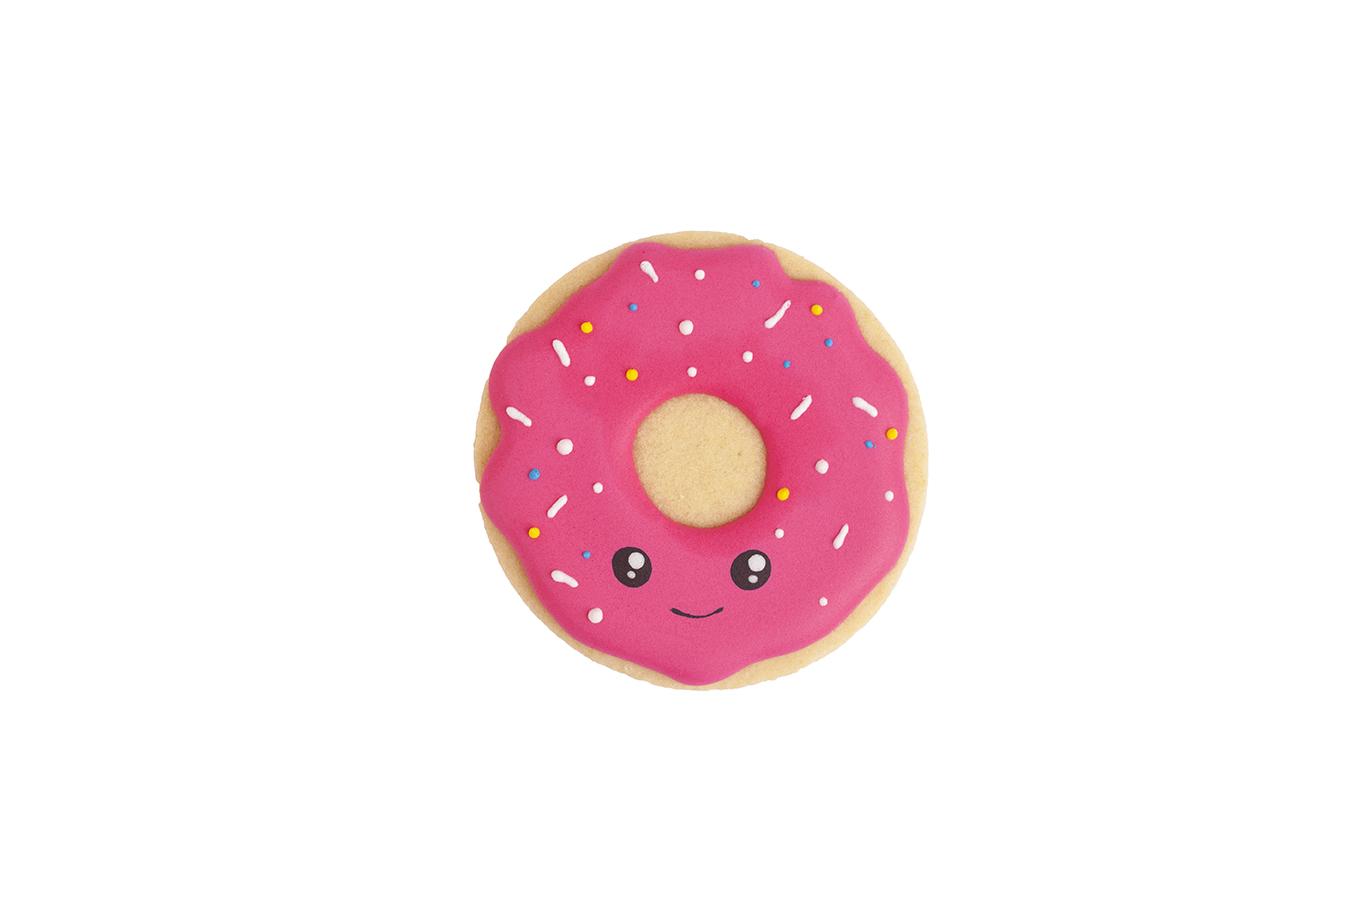 181126 - smart cookie.jpg